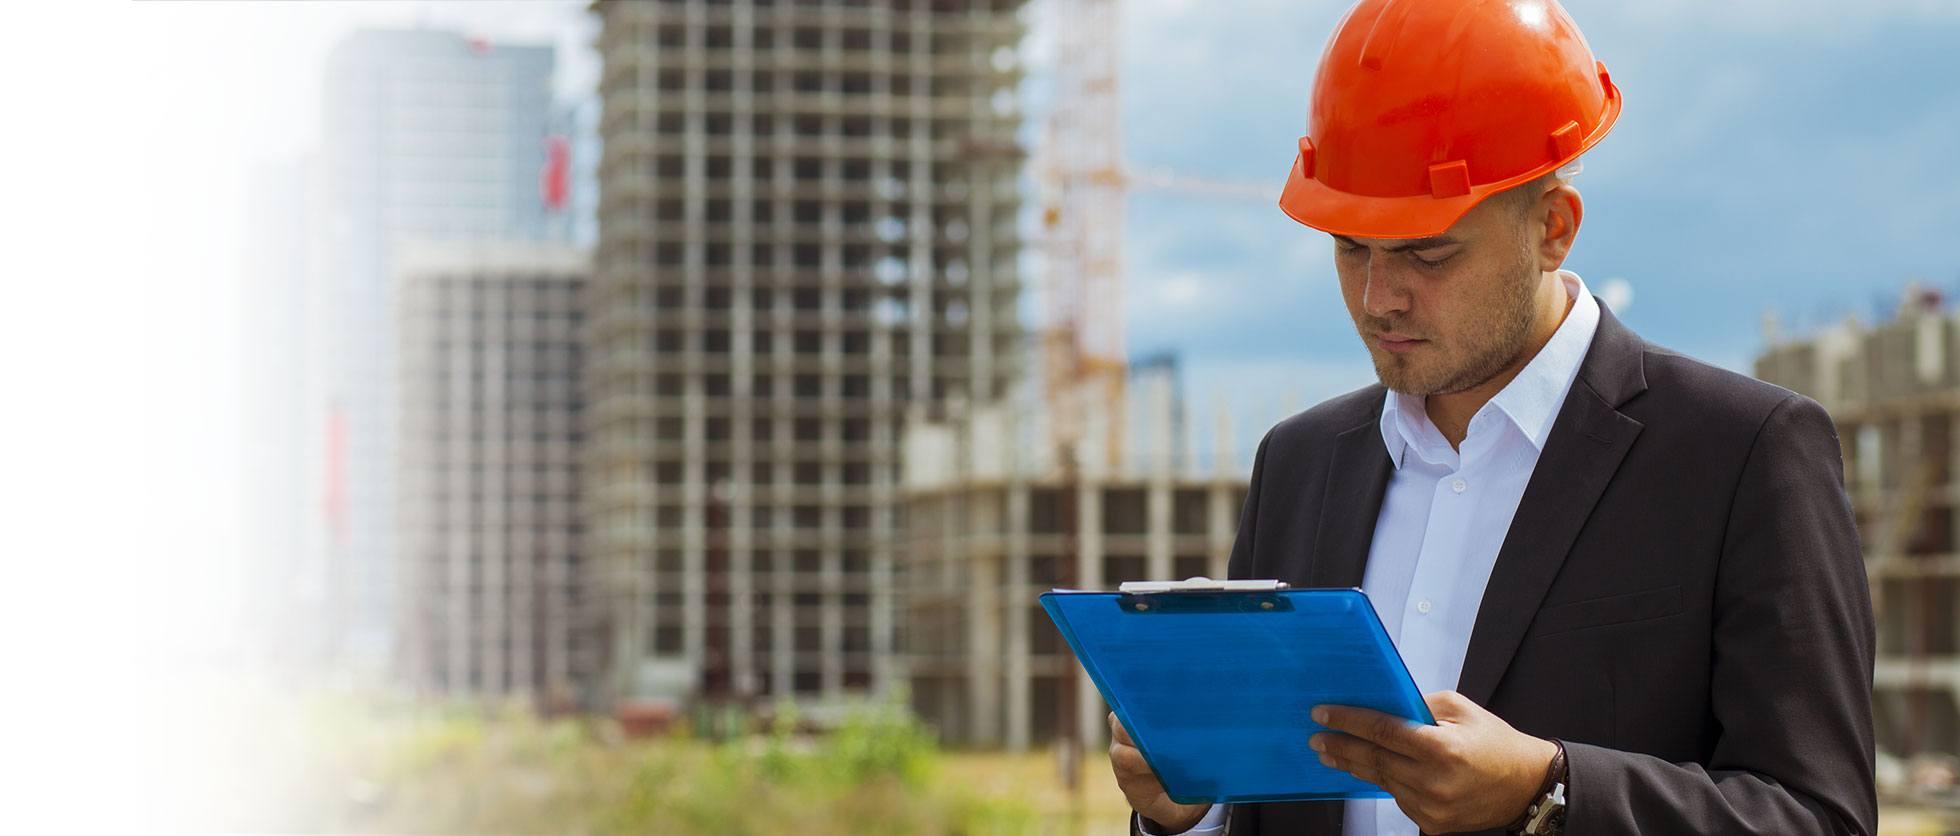 Wir sind in der Lage Ihre Bauwerke regelmäßig und sachkundig zu prüfen